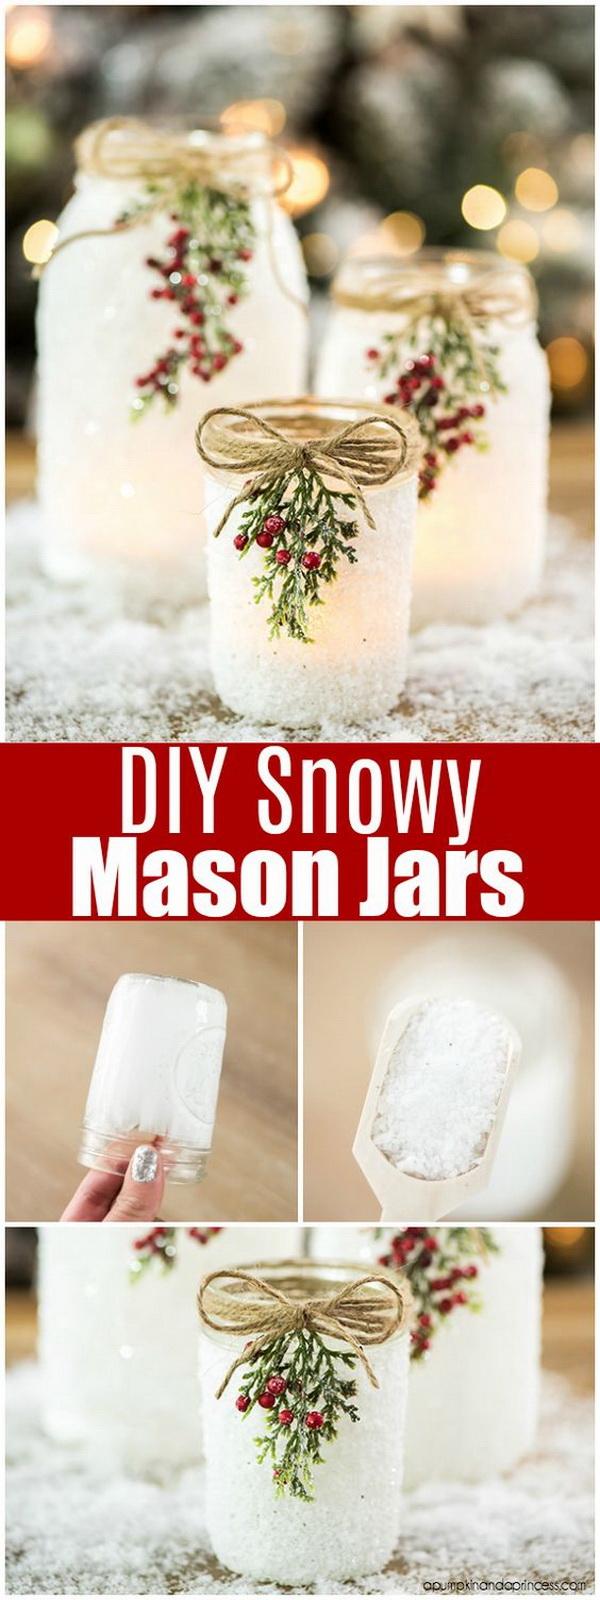 DIY Snowy Mason Jars.